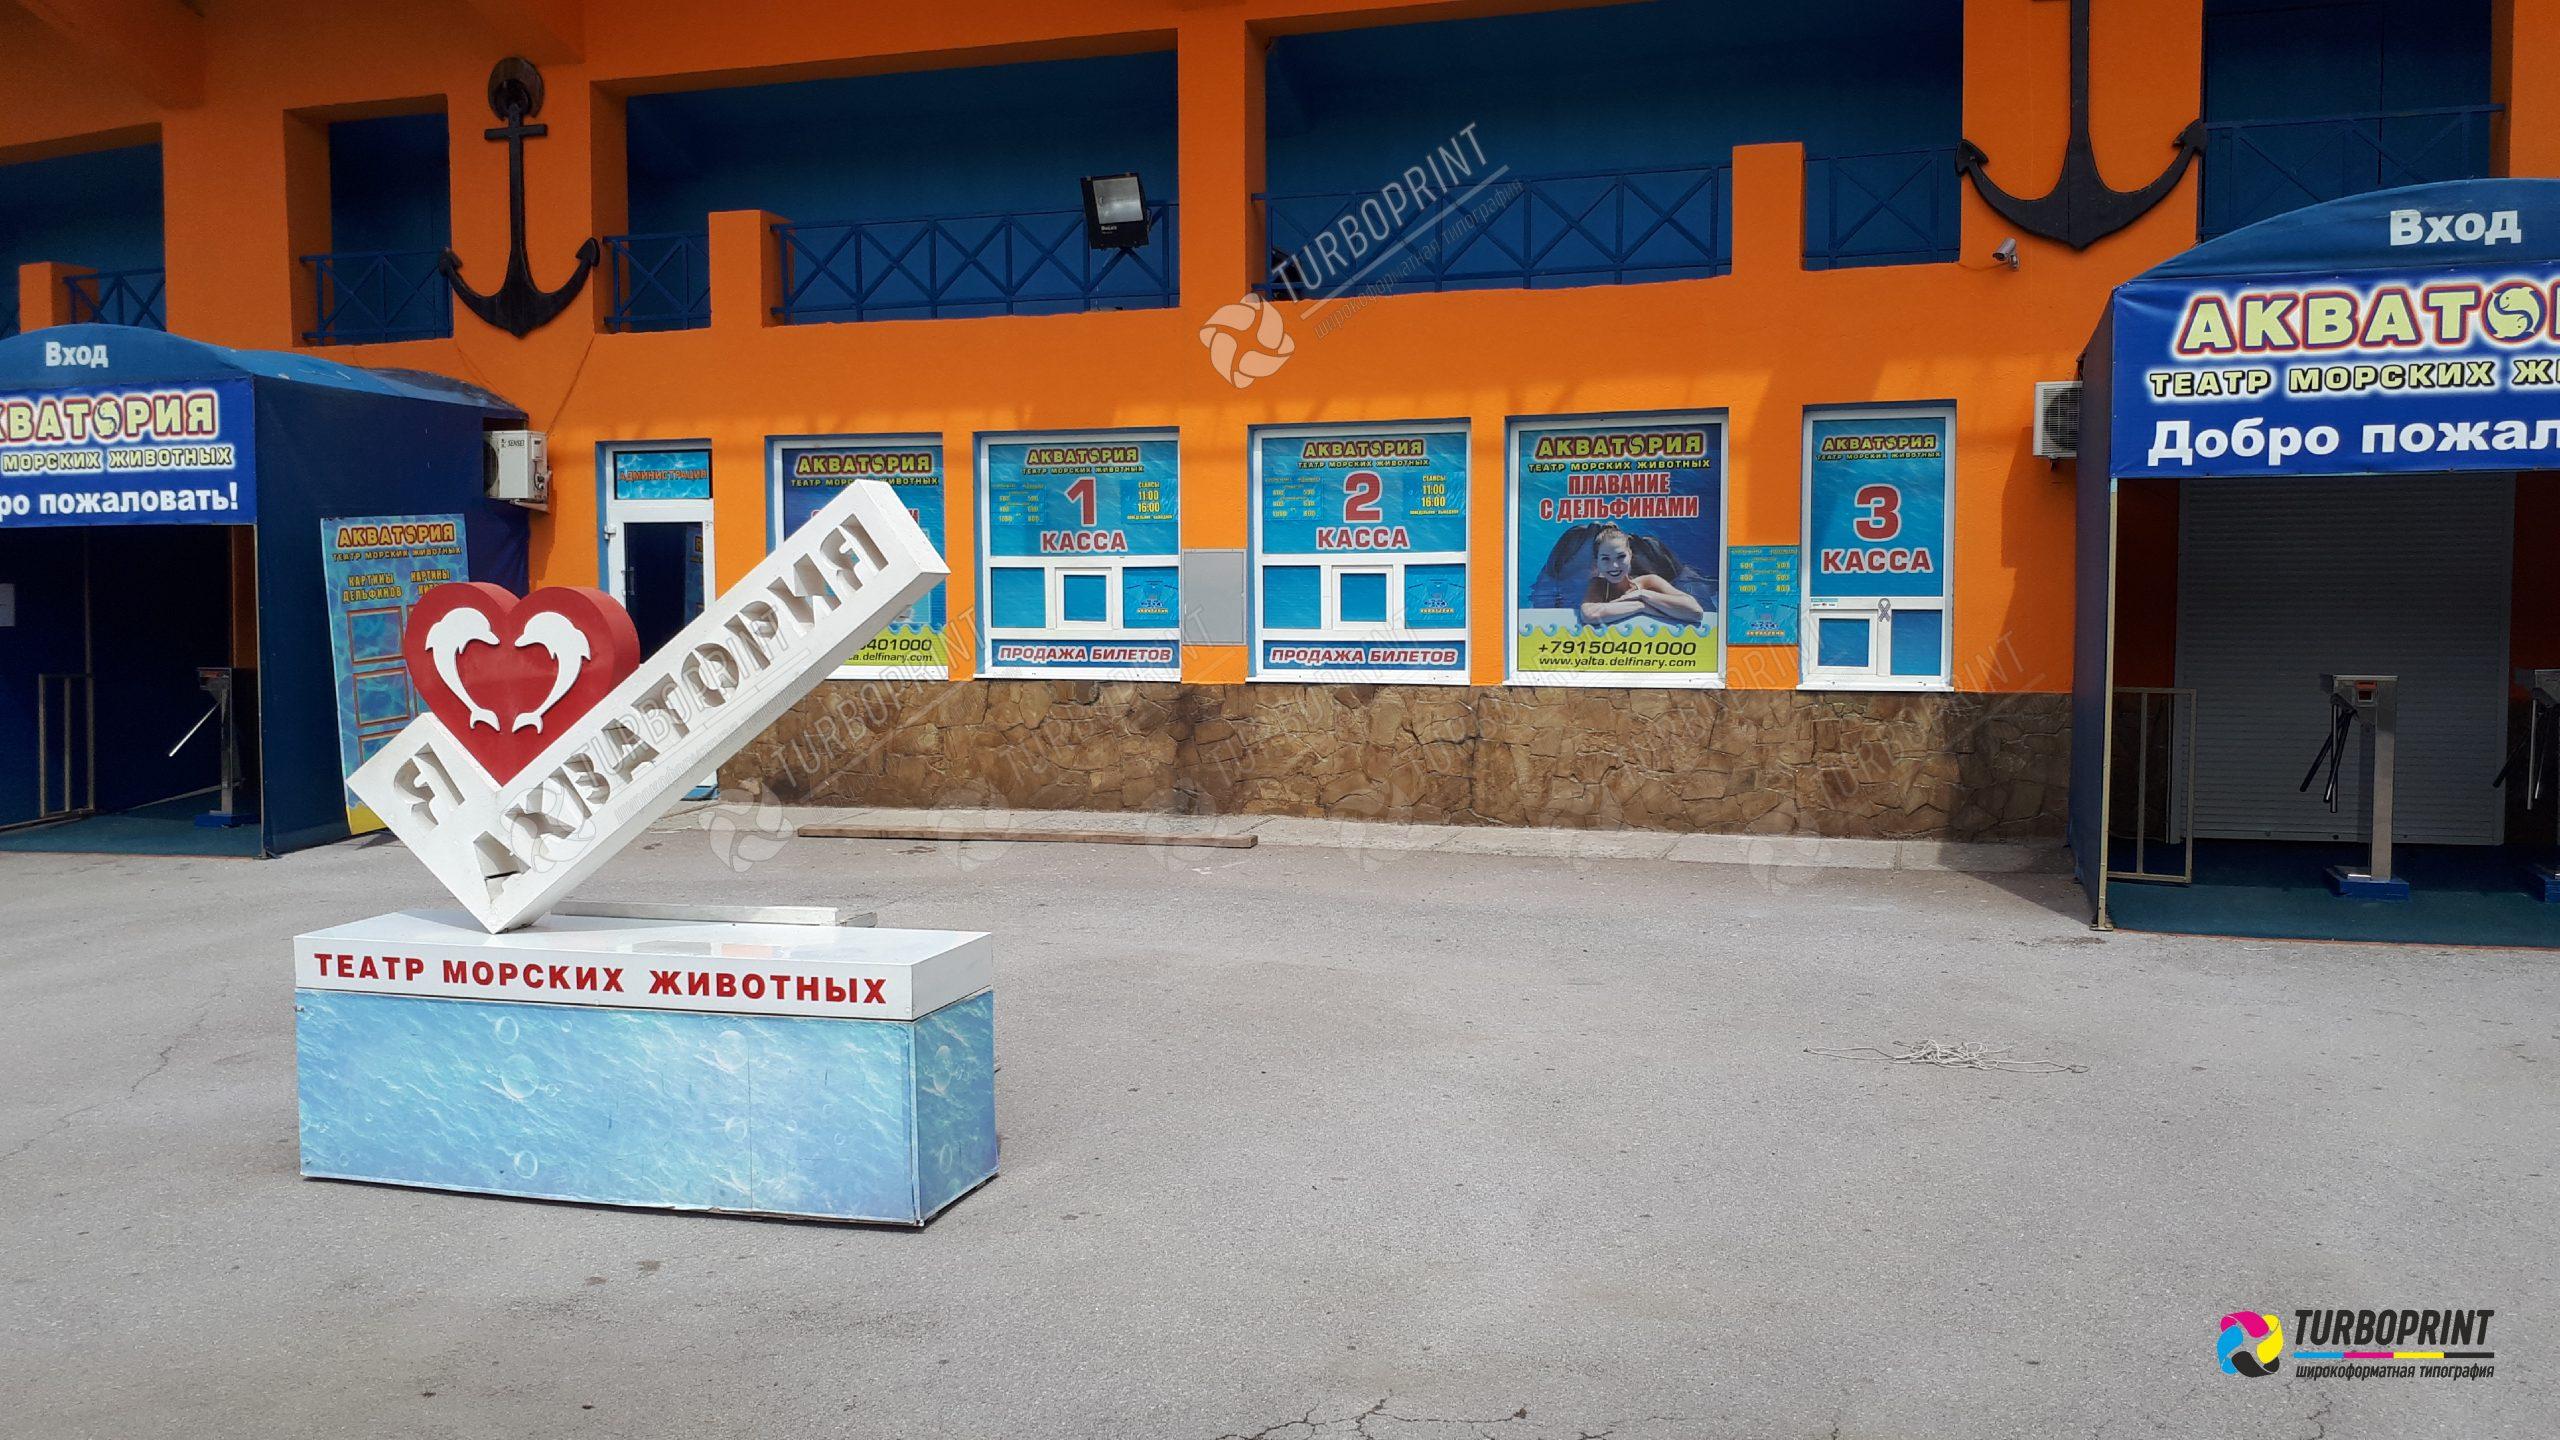 reklama-perforirovannaya-plenka